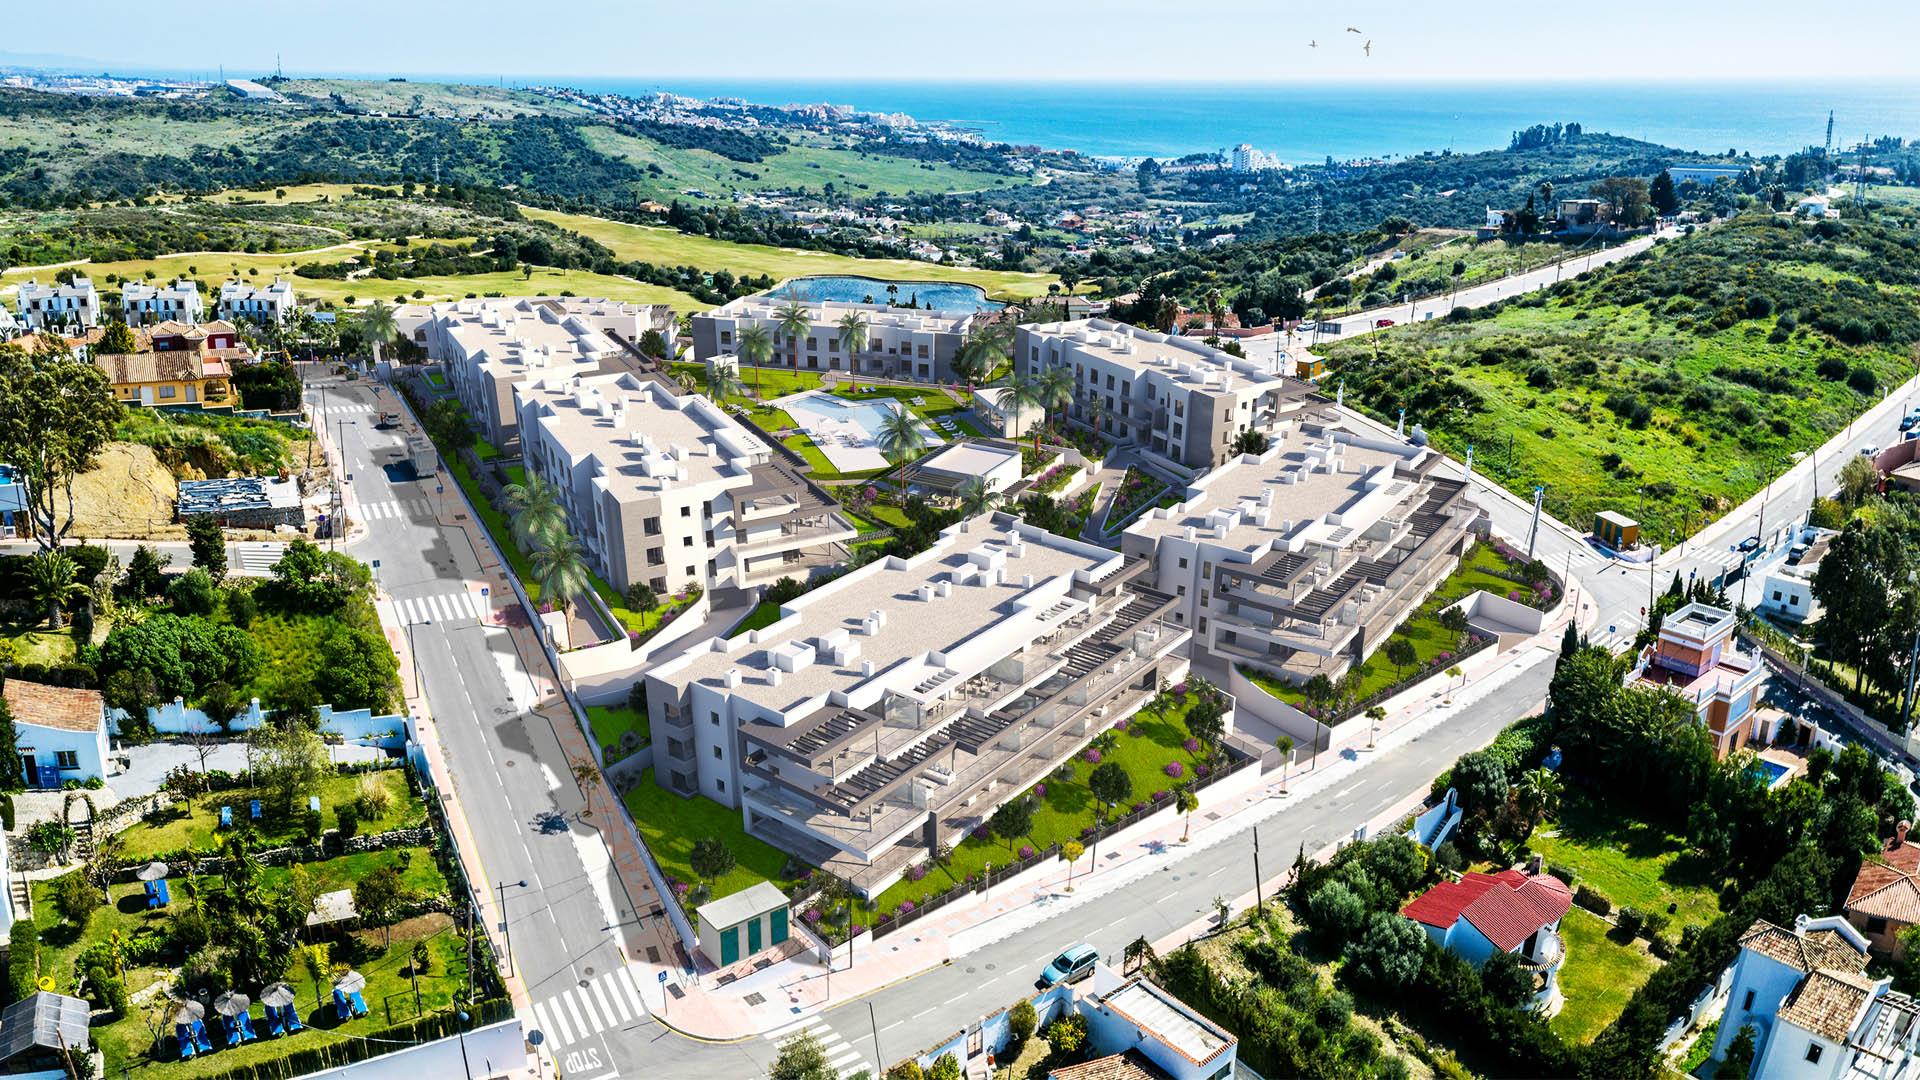 Vista panorámica de la urbanización